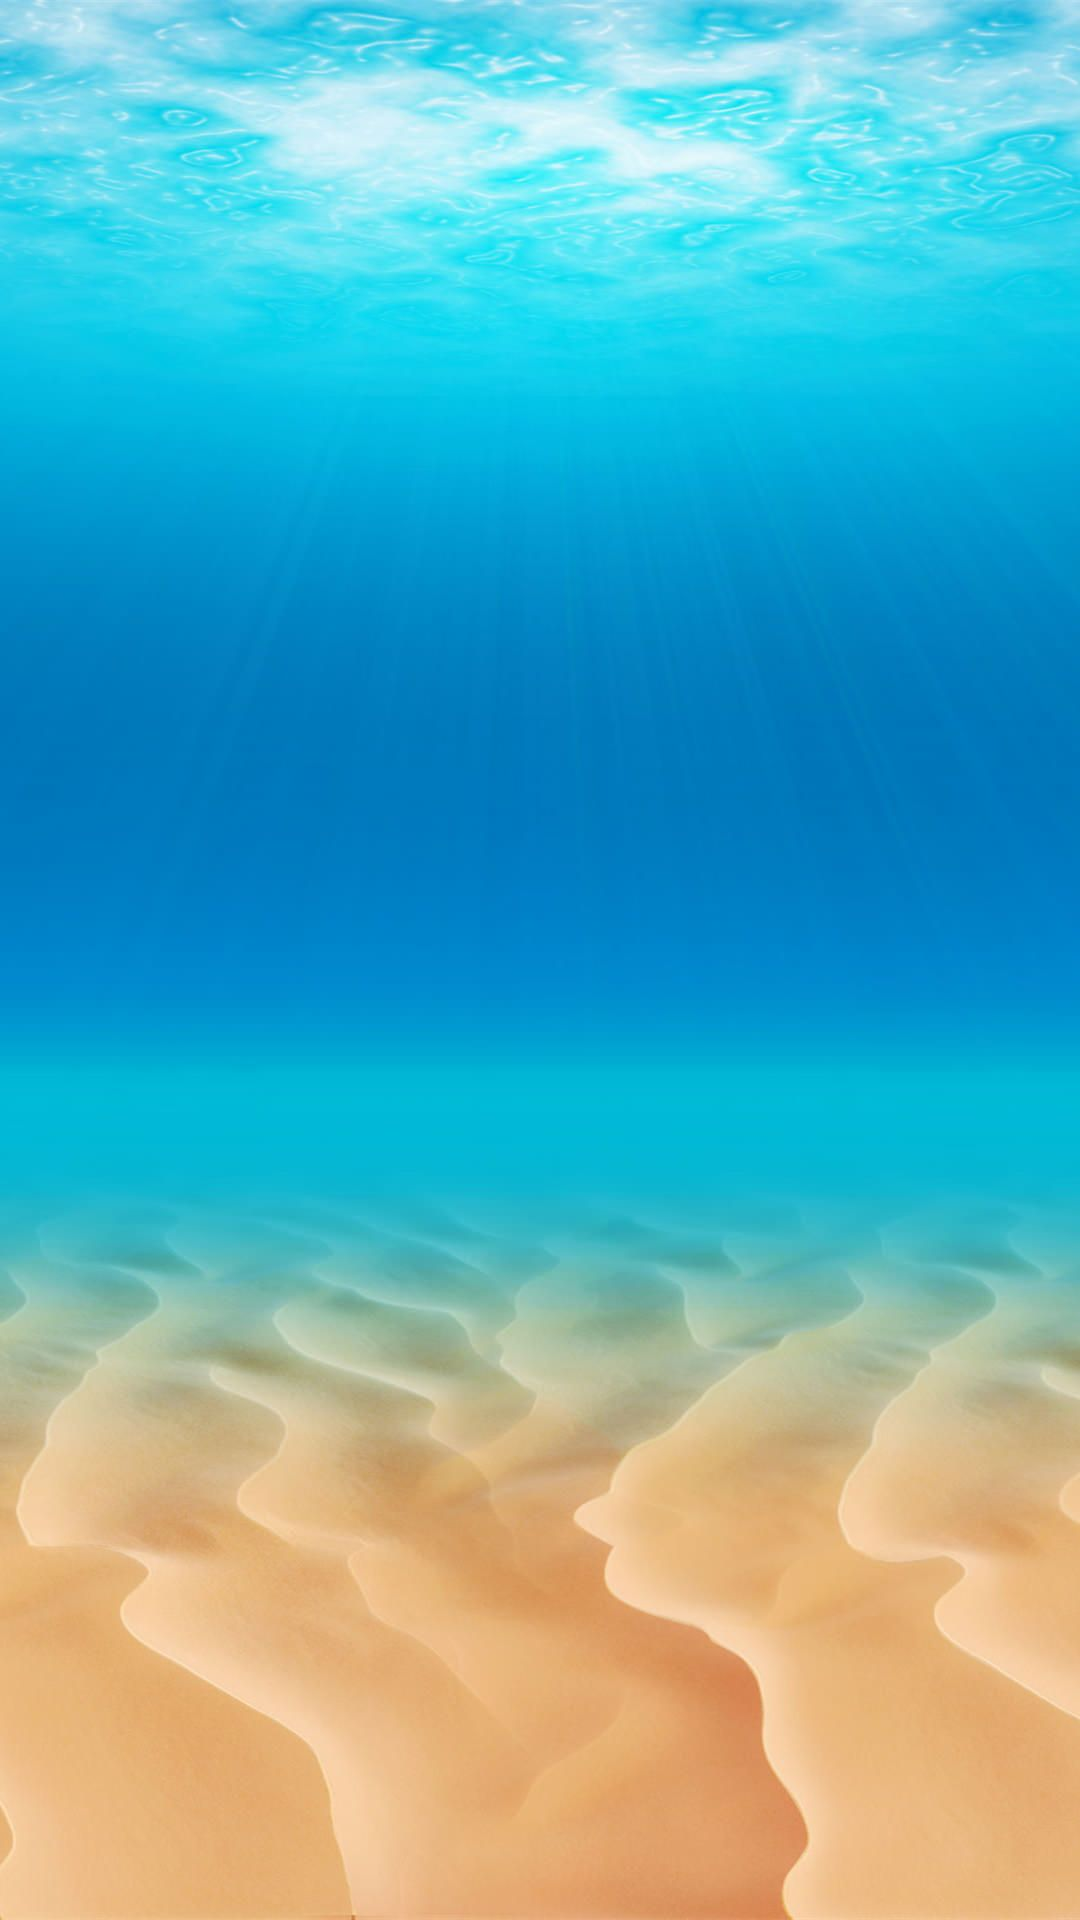 澄んだ海の中 Iphone6 Plus 壁紙 Wallpaperbox ビーチの壁紙